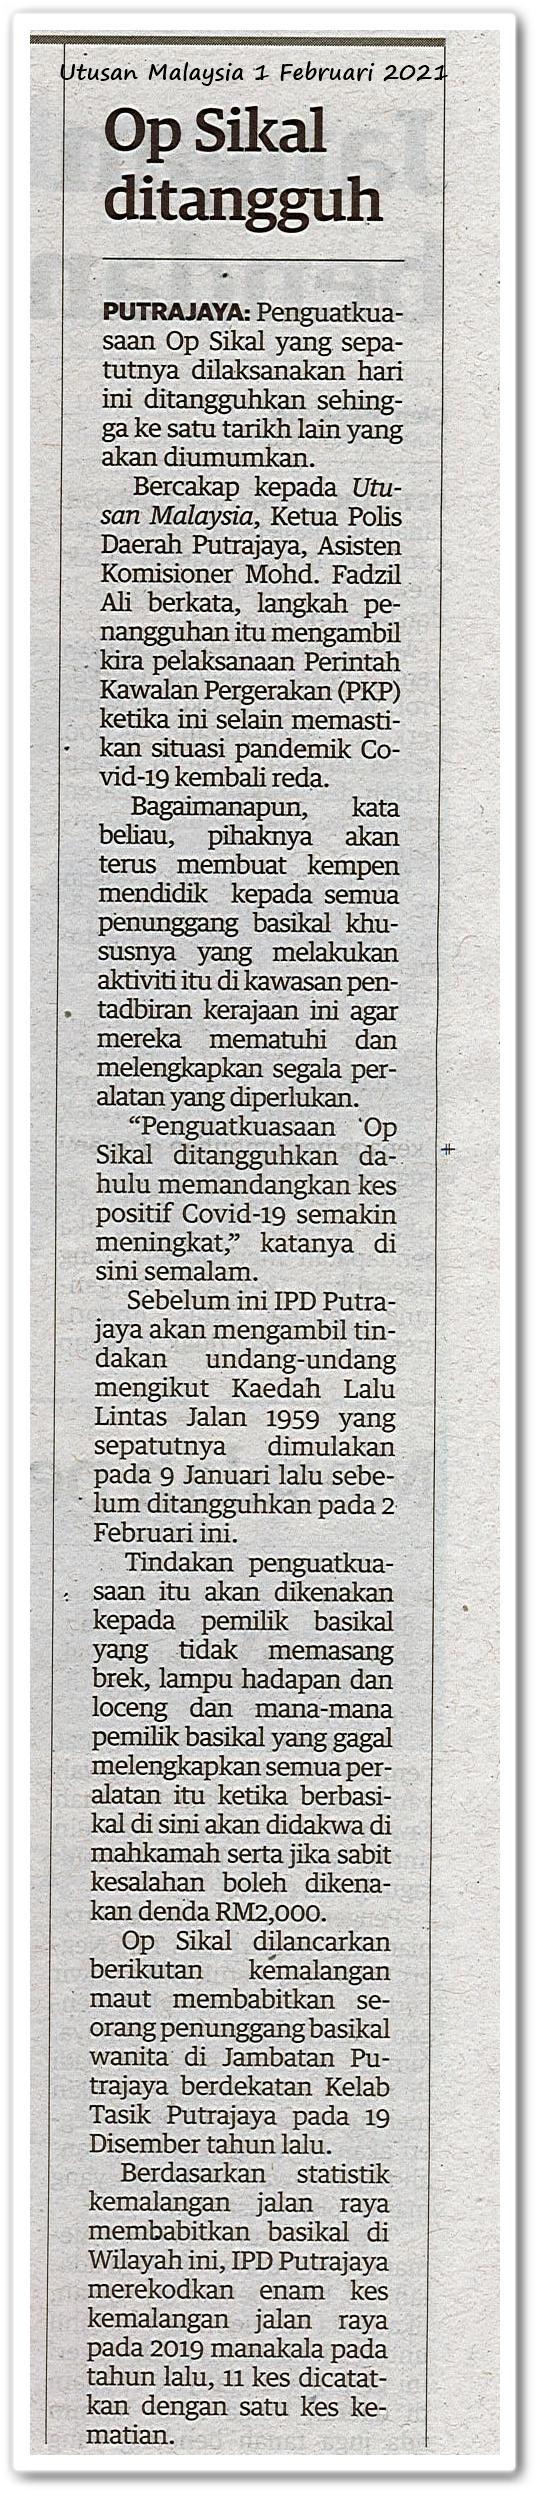 Ops Sikal ditangguh - Keratan akhbar Utusan Malaysia 1 Februari 2021